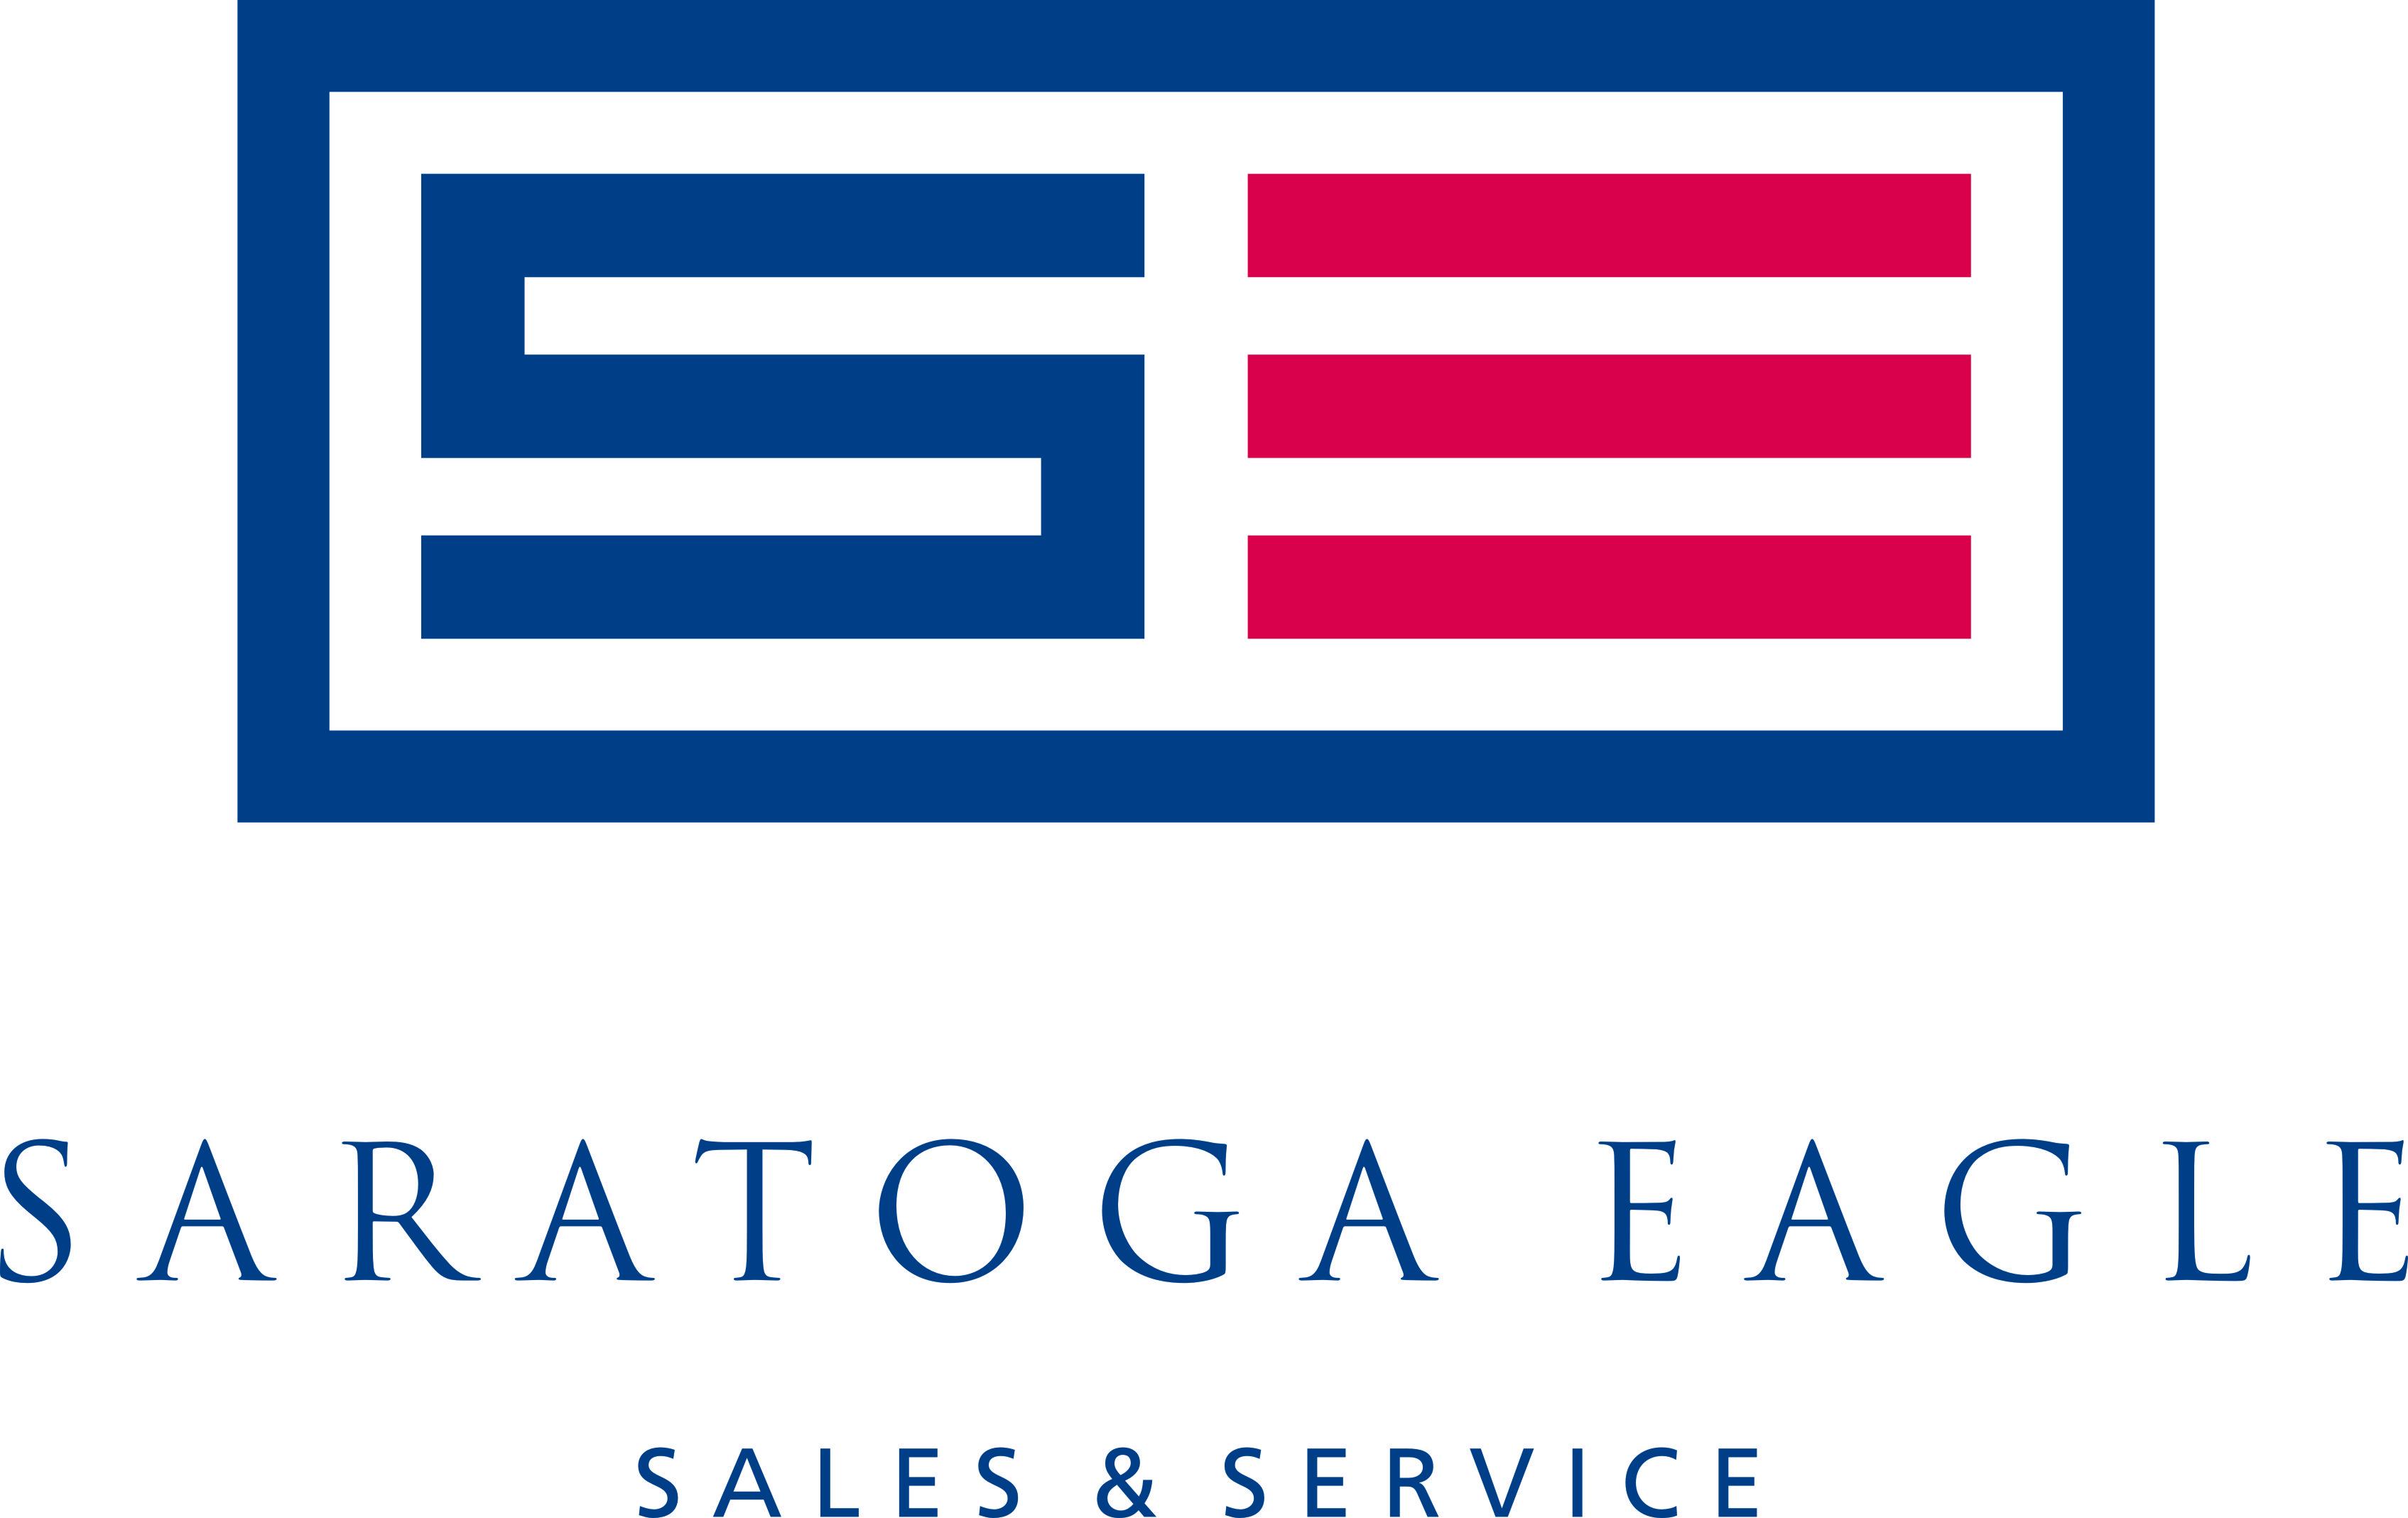 Saratoga Eagle